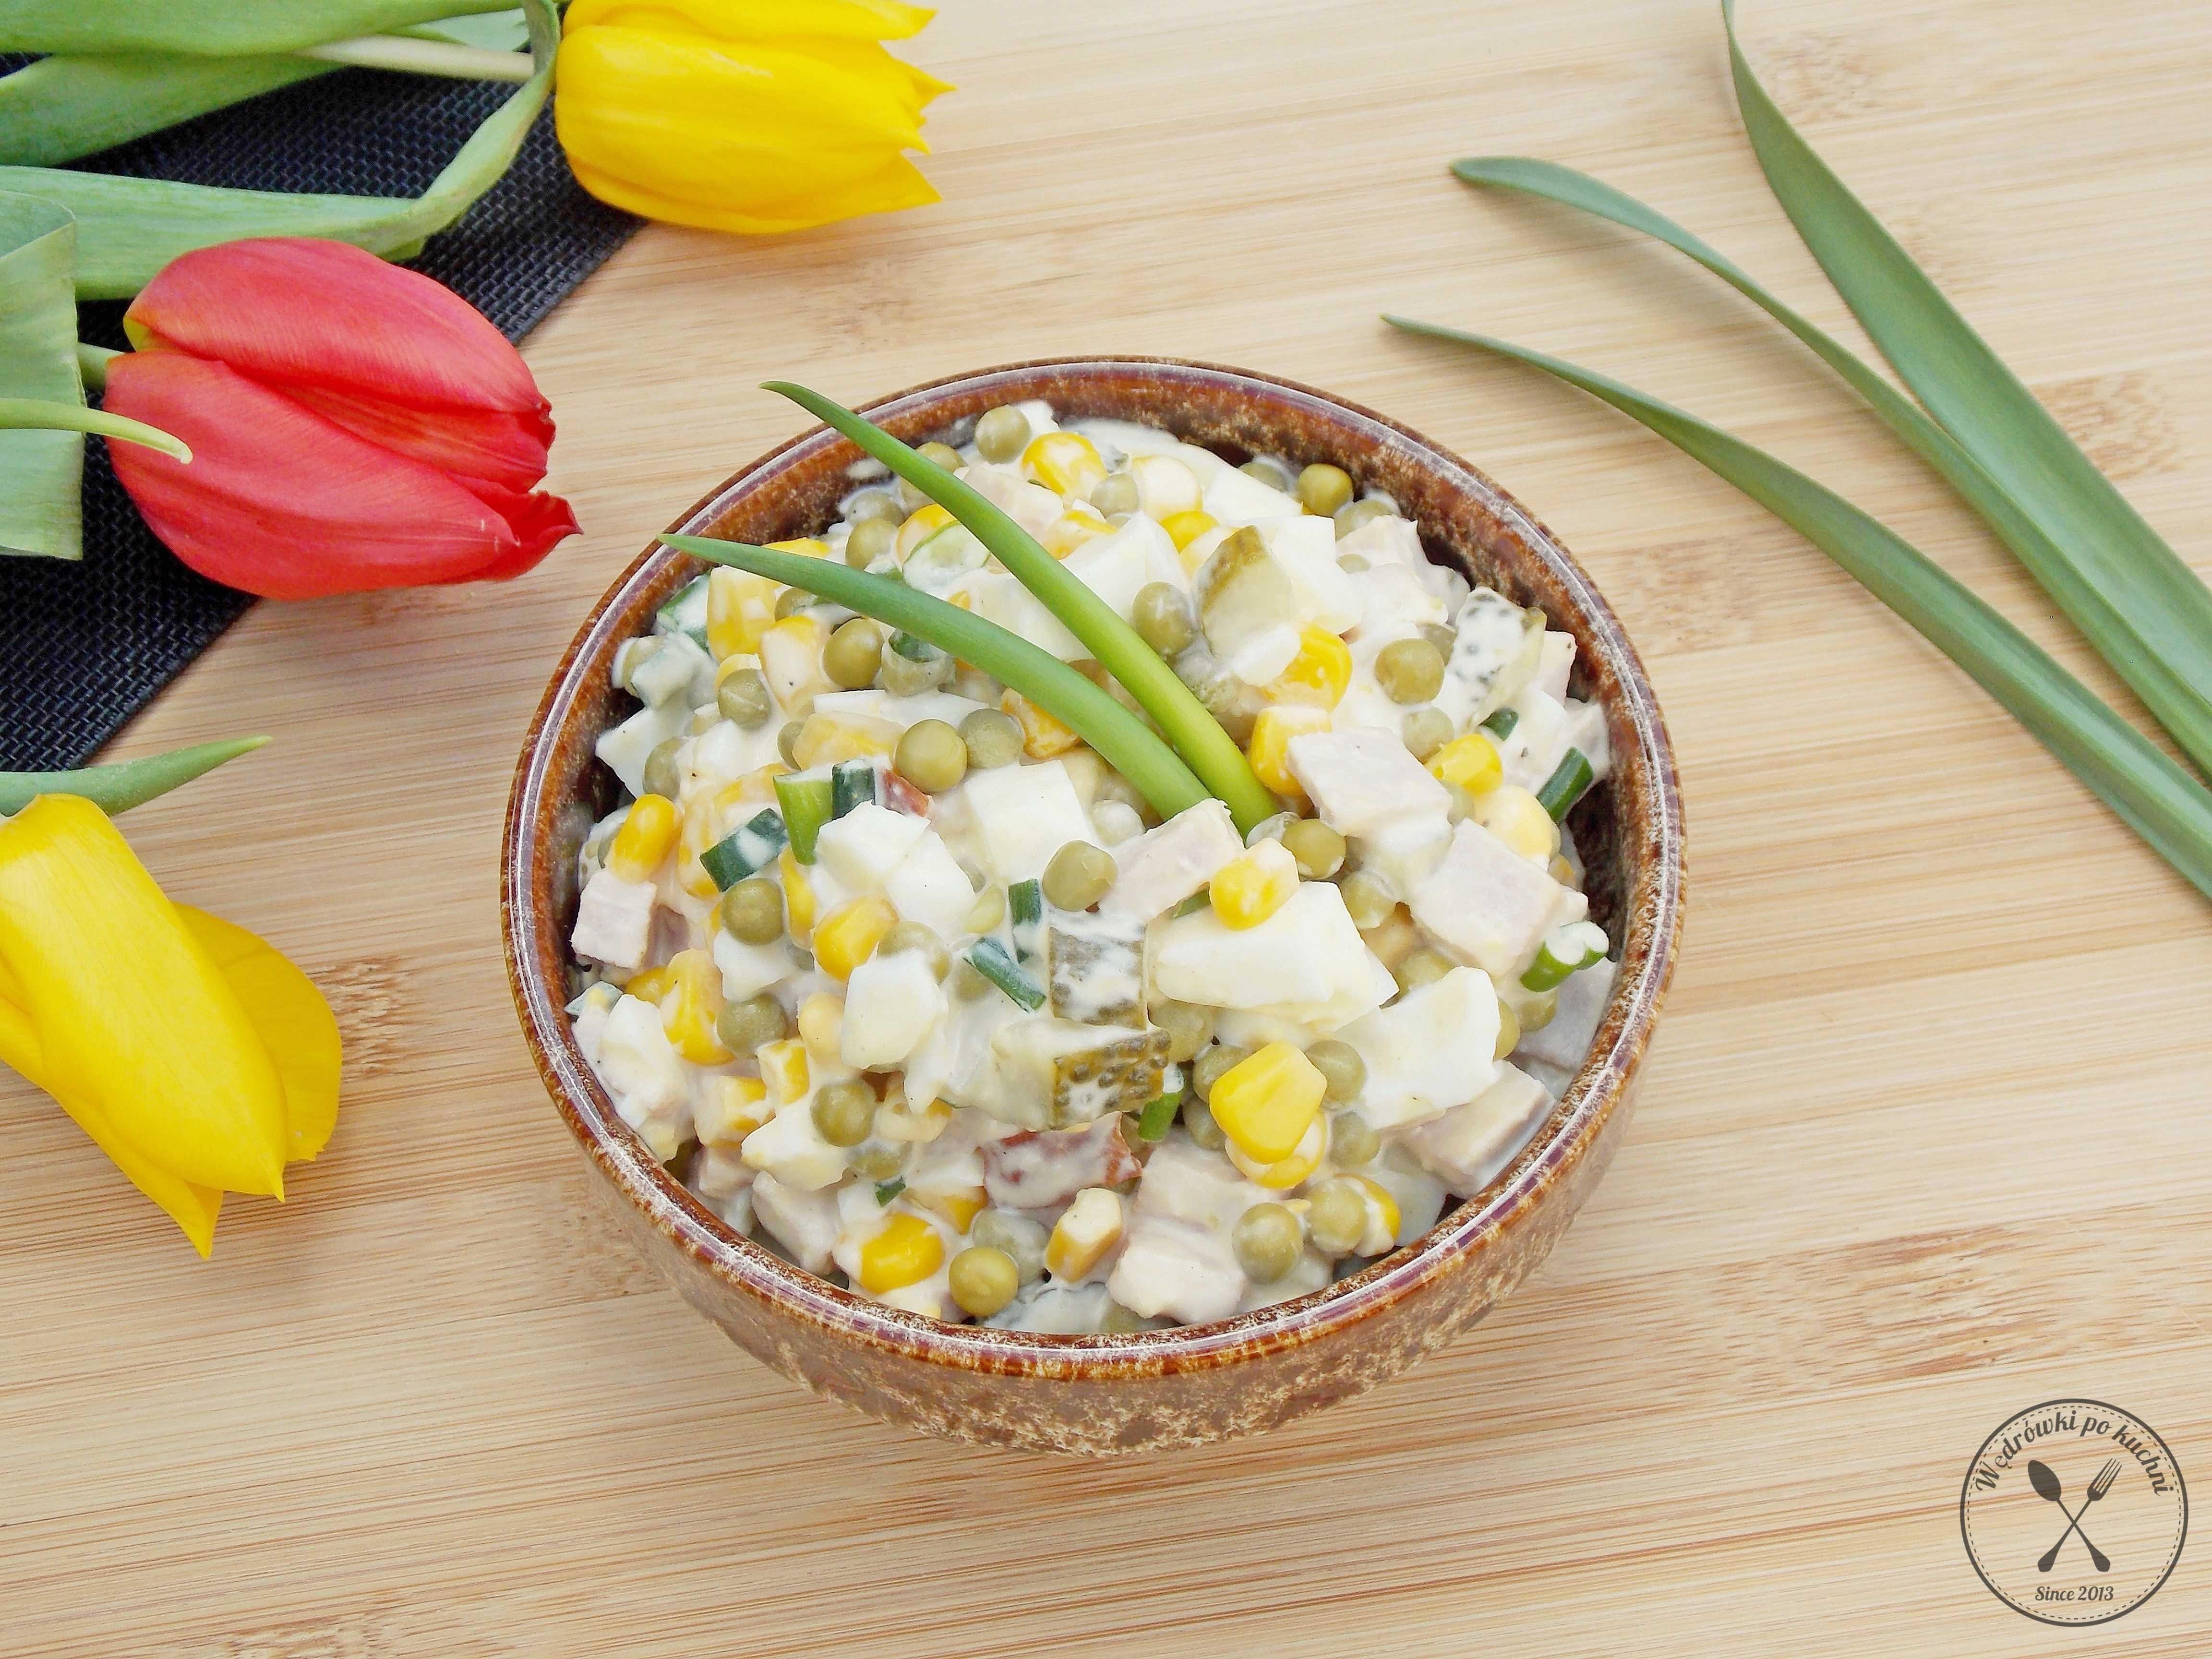 Простые салаты: ингредиенты, рецепты, советы по приготовлению - samchef.ru